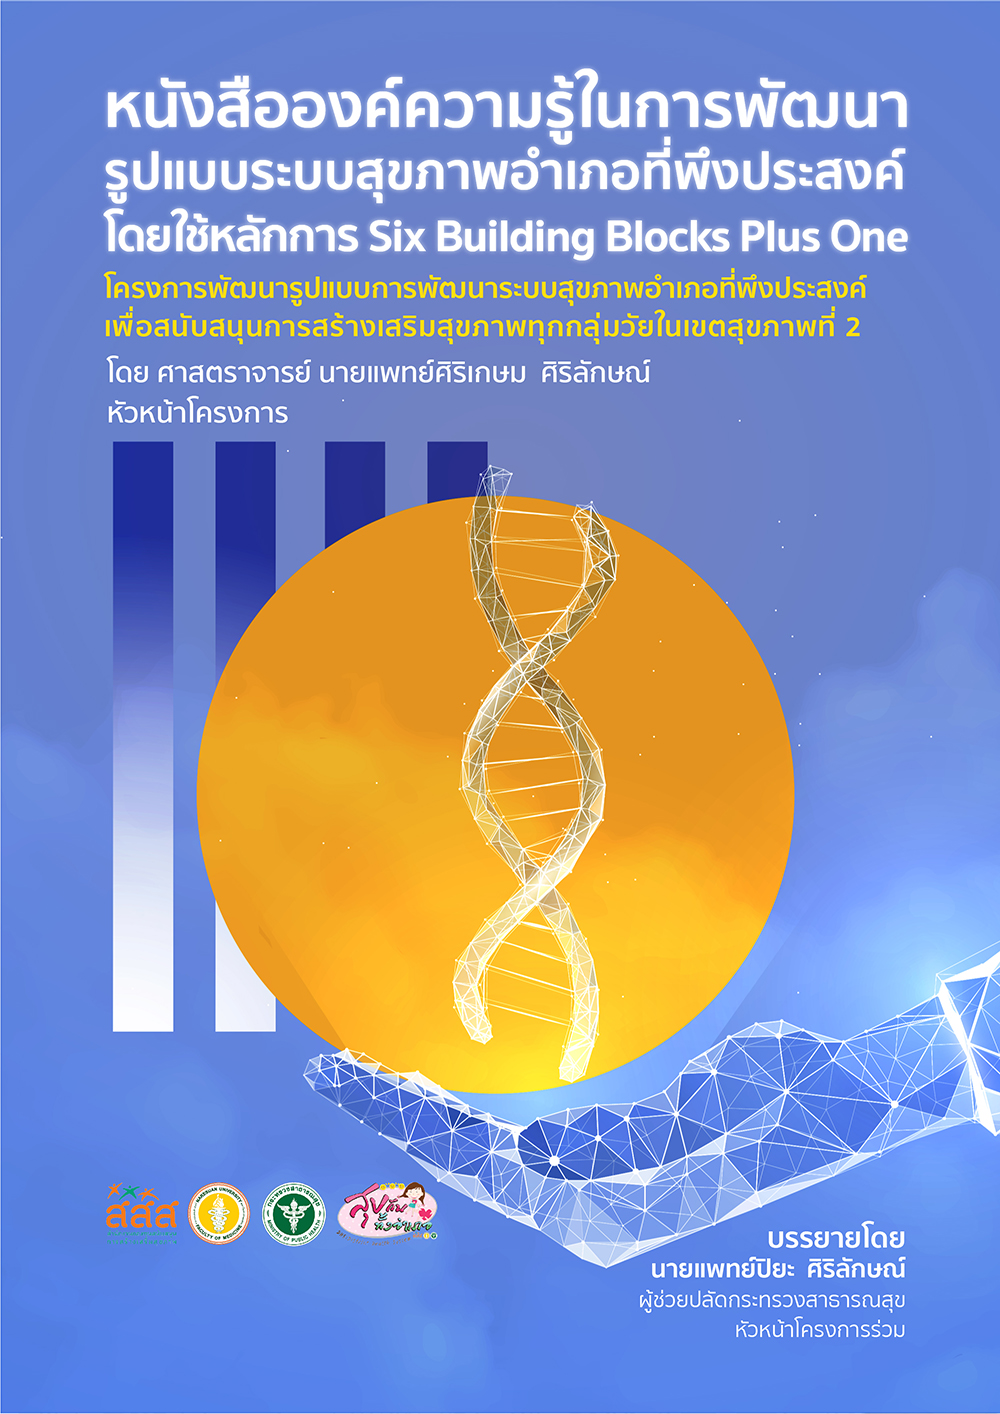 หนังสือองค์ความรู้ในการพัฒนารูปแบบระบบสุขภาพอำเภอที่พึงประสงค์โดยใช้หลักการ Six Building Blocks Plus One